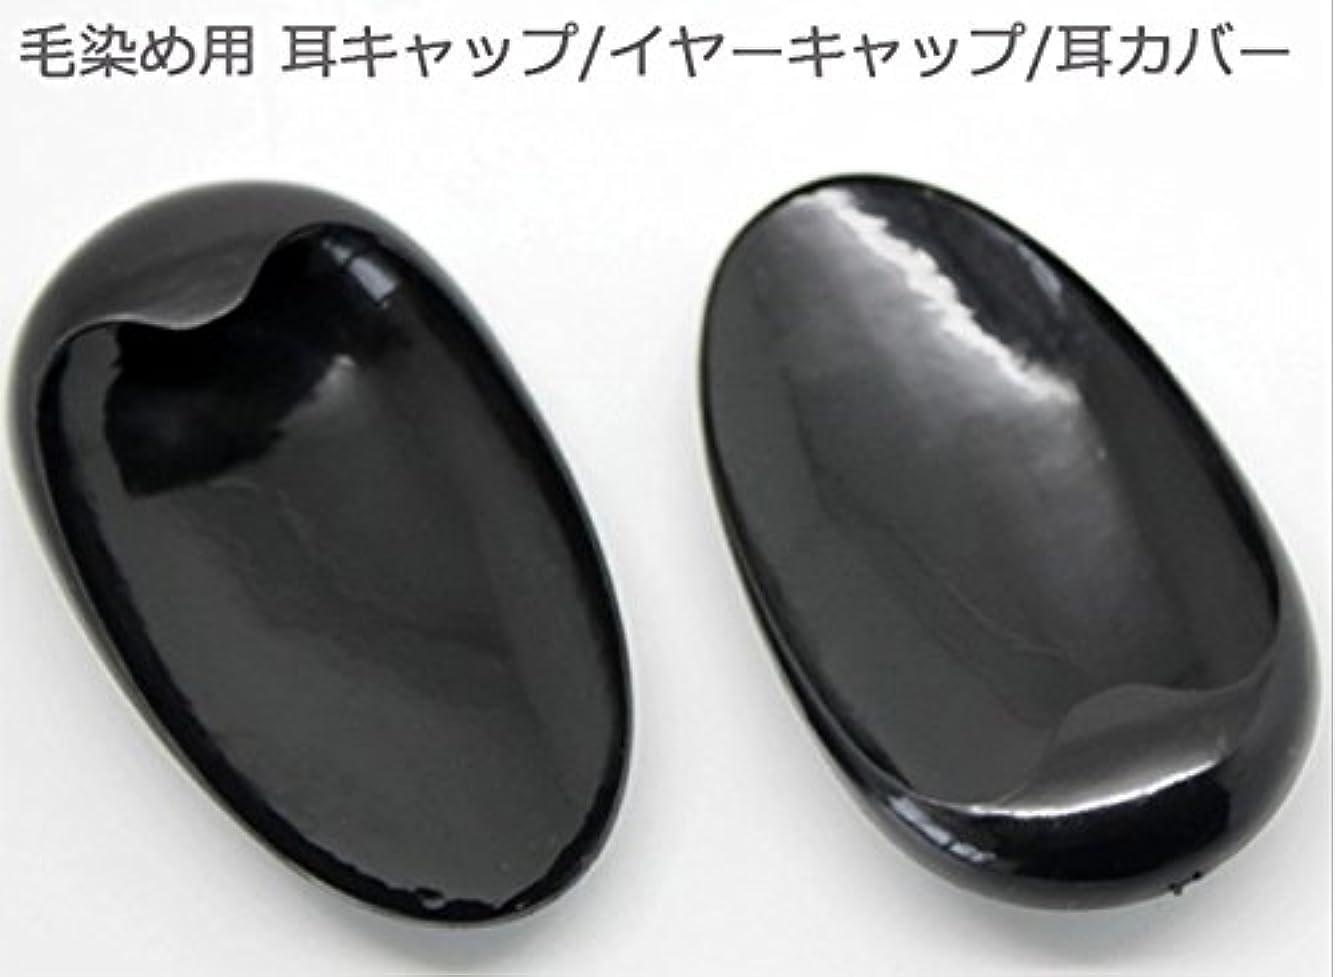 ベル収容する栄養毛染め用 耳キャップ/イヤーキャップ/耳カバー★1組(2個)